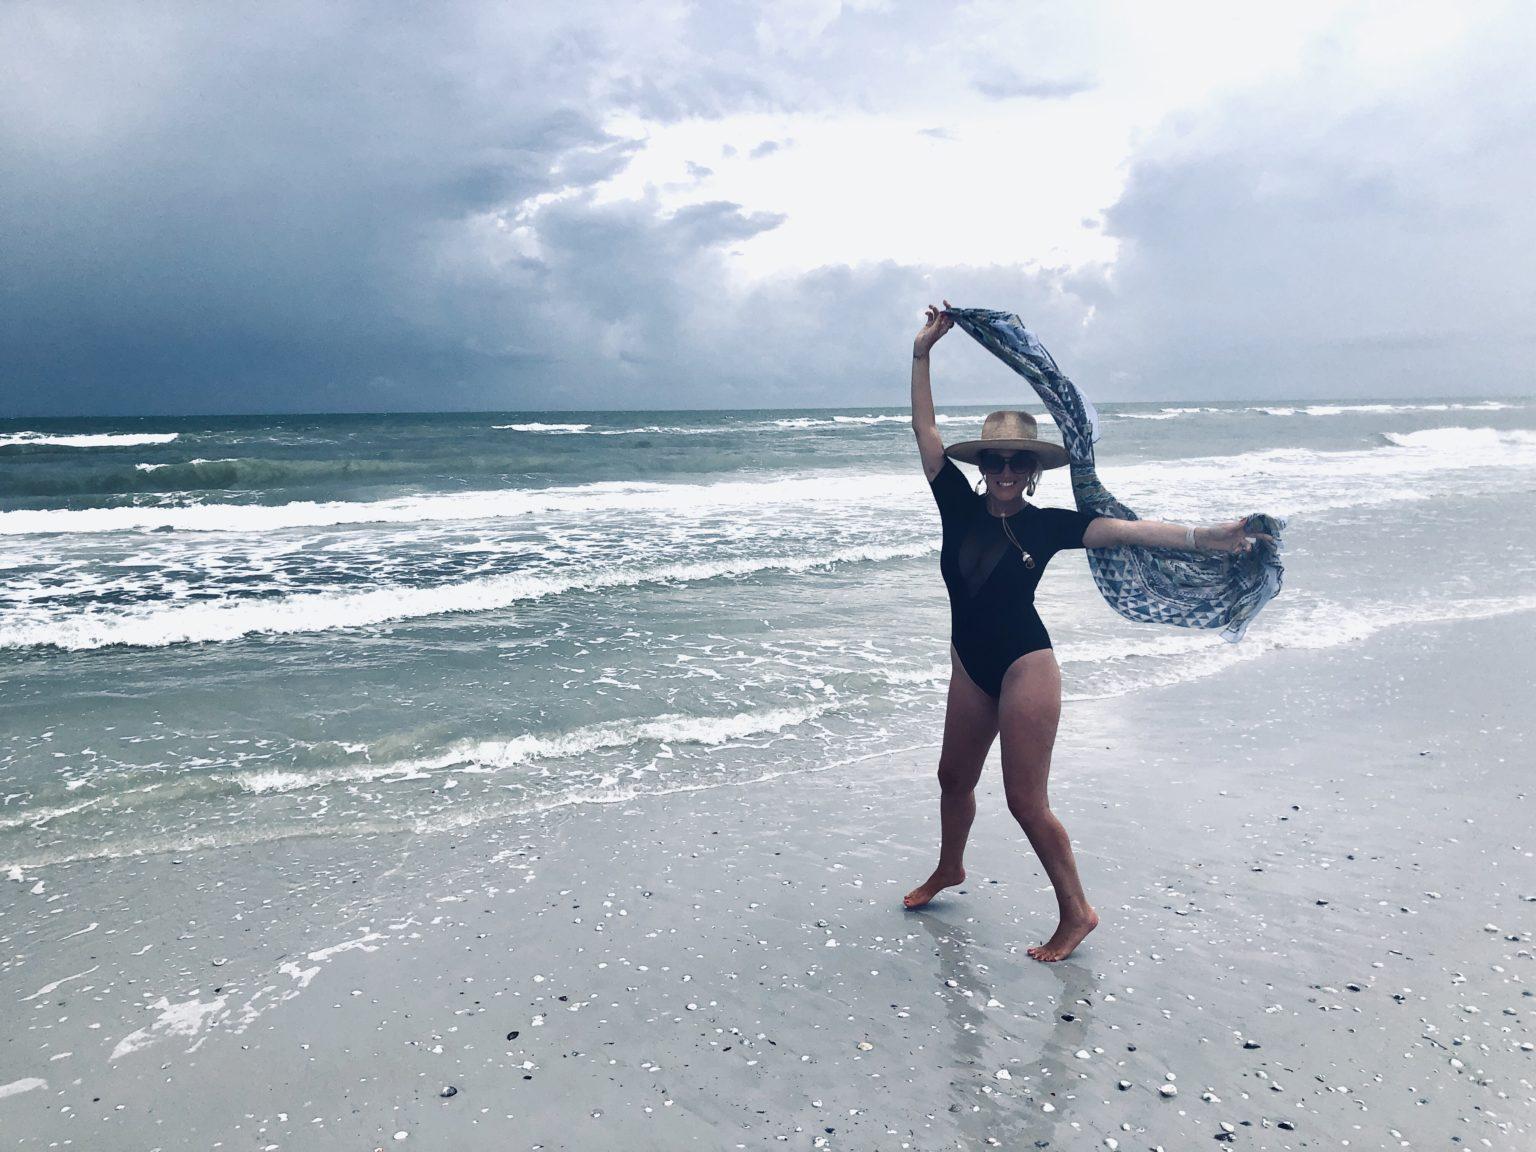 Marisa Sullivan Poses On The Beach